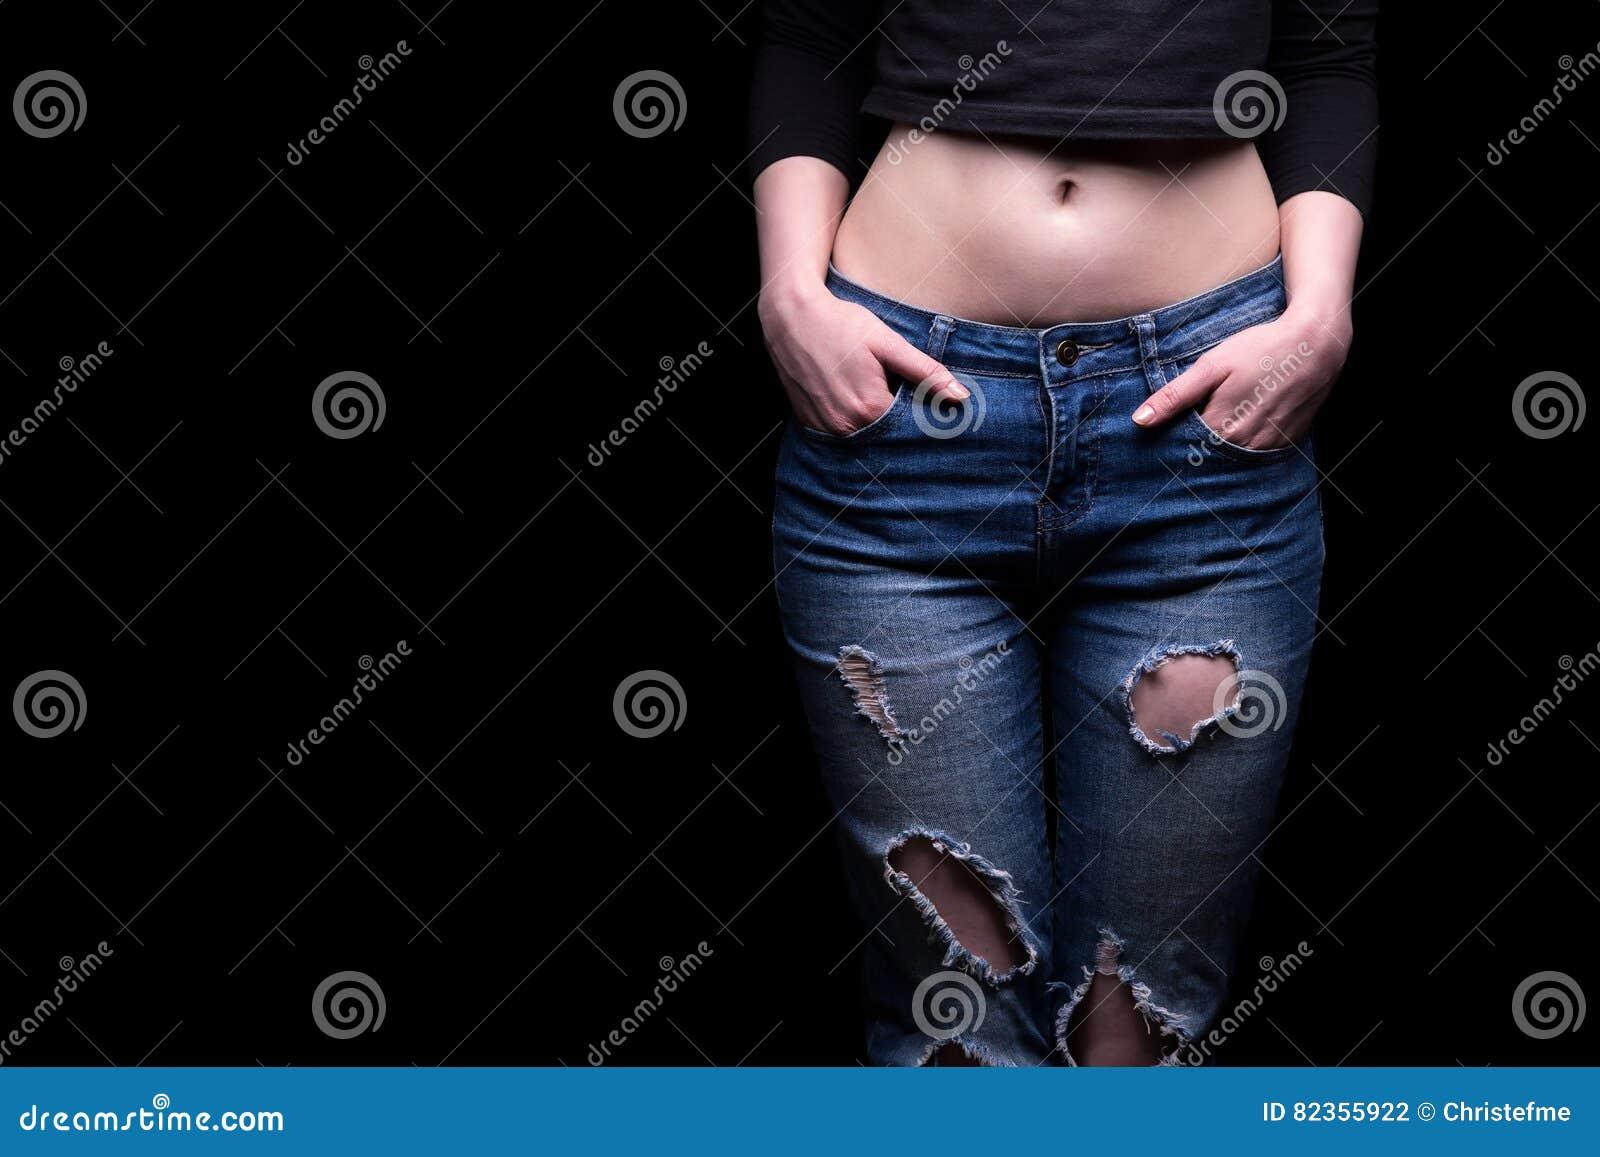 Zerrissene Jeans Und Frau ` S Bauch Stockfoto - Bild von denim ... 4f599c0827